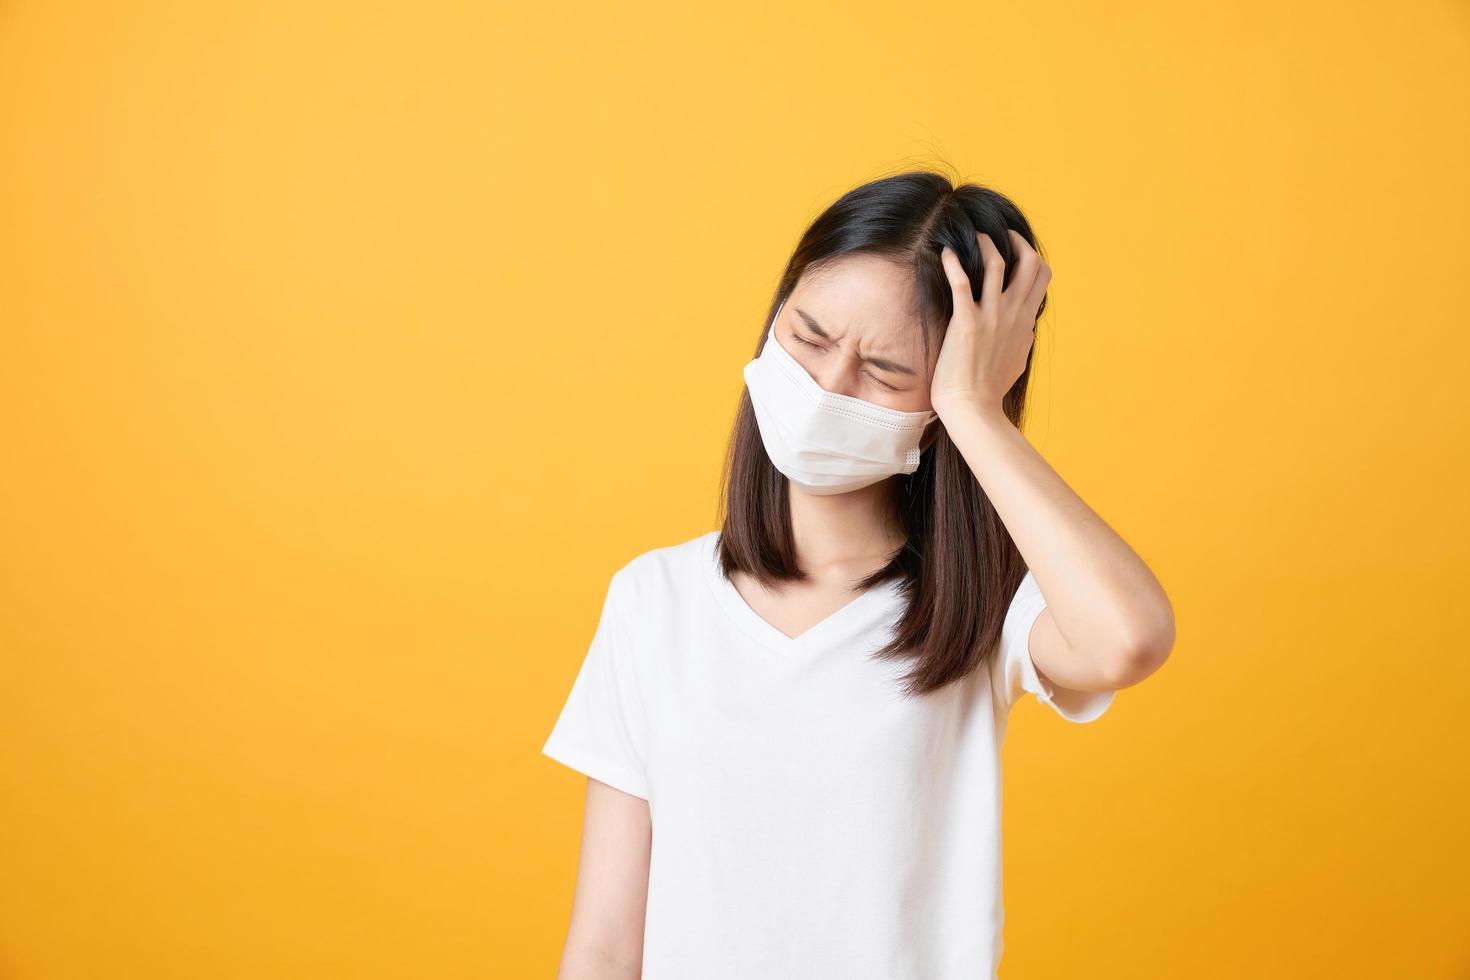 vrouw die masker draagt terwijl het hoofd foto